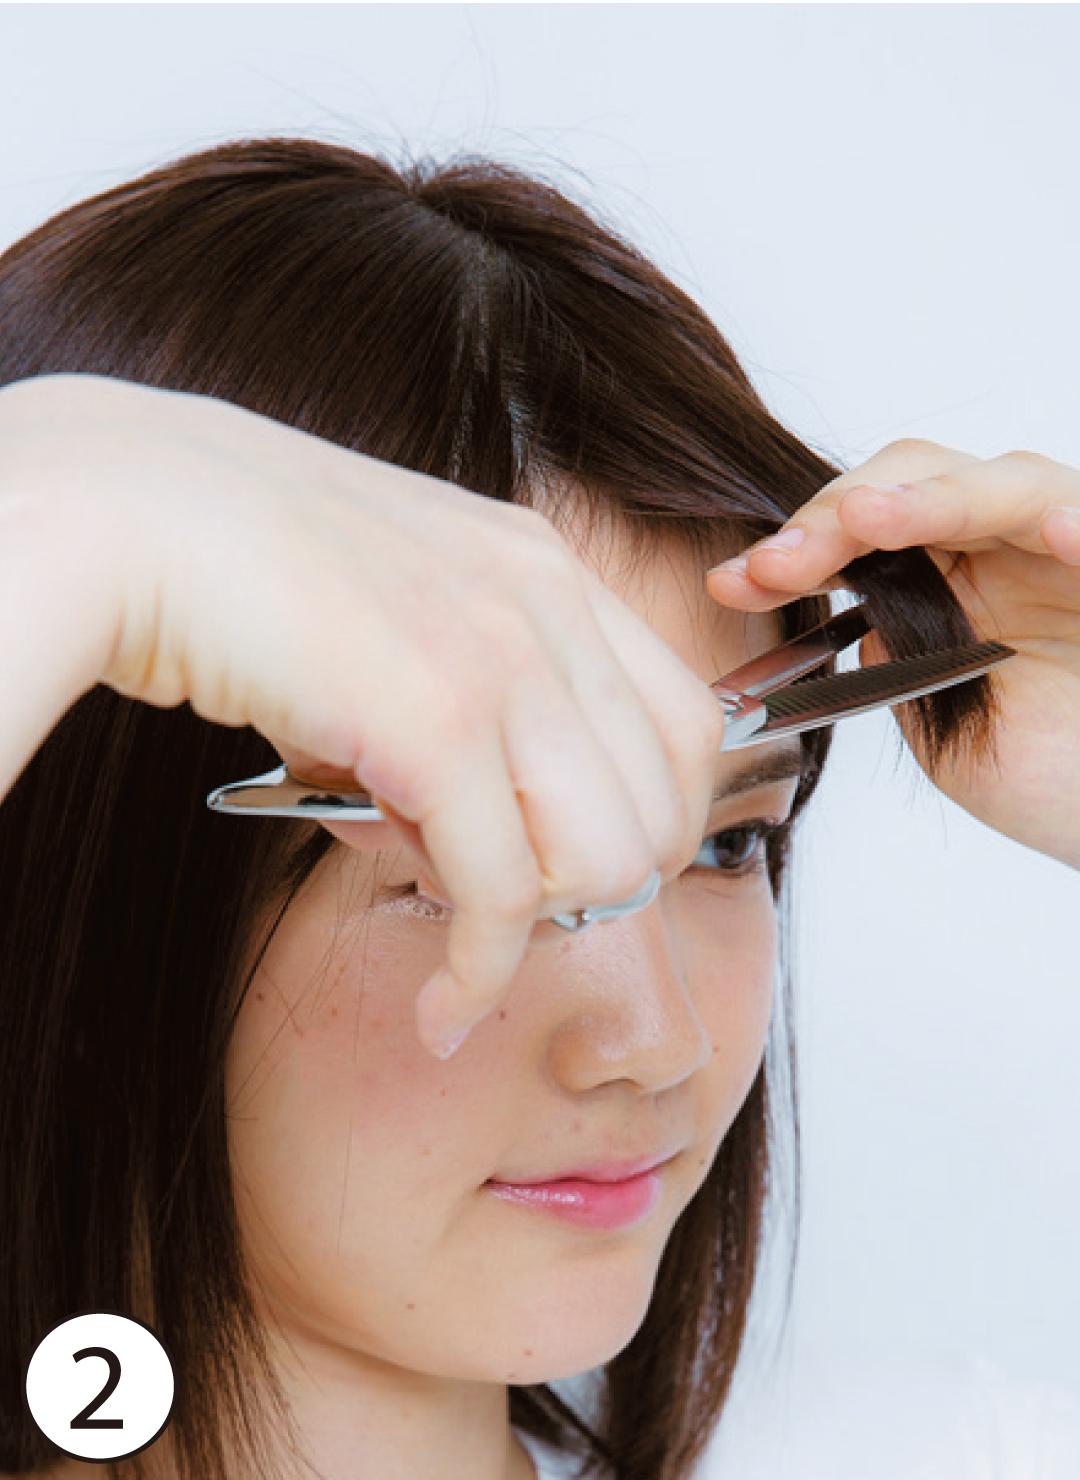 ②高く上げすぎずにすきバサミをIN 基本のカット⑤では、前髪の高さを水平よりもやや下げた位置ですきバサミを使って。前髪の量が少ない分、毛先がバラバラになるのを防ぐ。